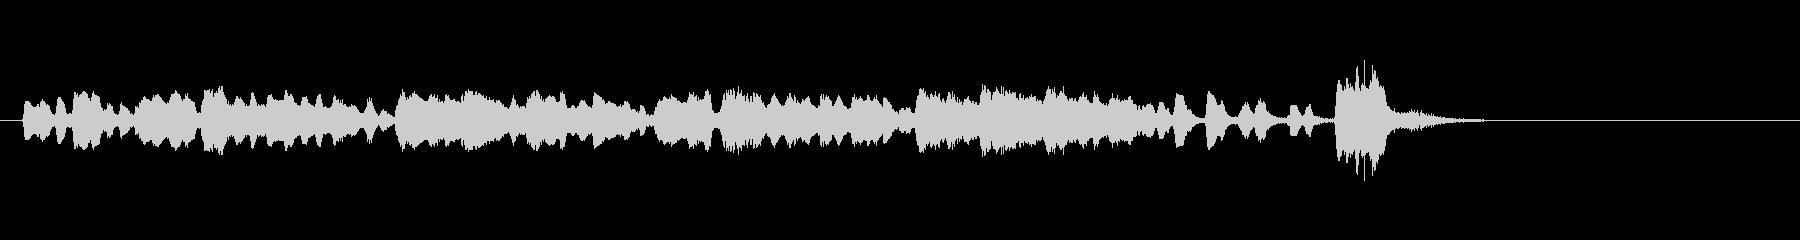 テーマ4:WOODWINDSの未再生の波形